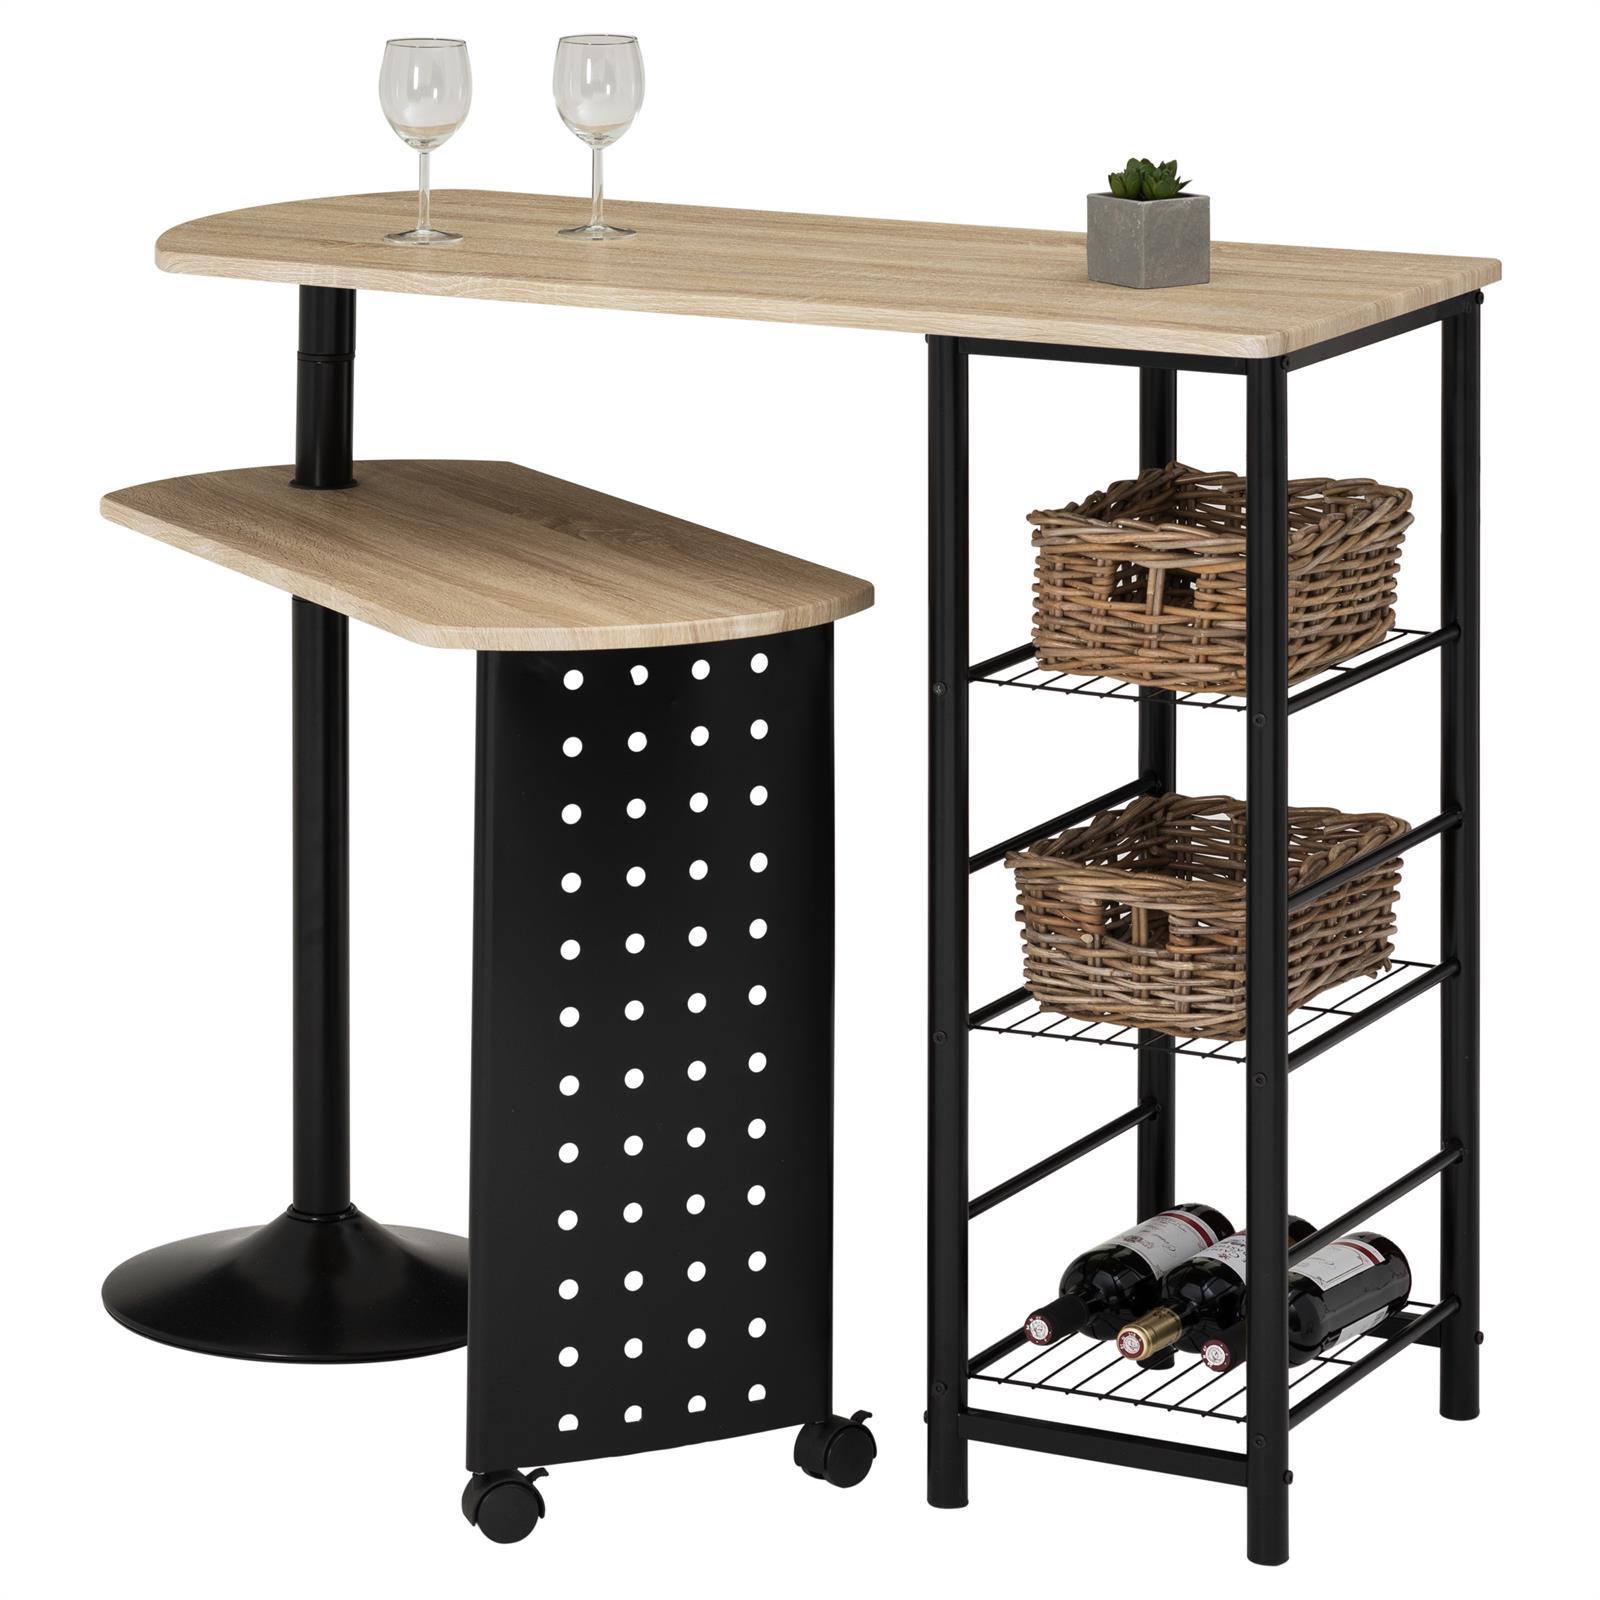 bartisch stehtisch tresen fr hst ckstheke mit regal und schwenkbarem tisch ebay. Black Bedroom Furniture Sets. Home Design Ideas